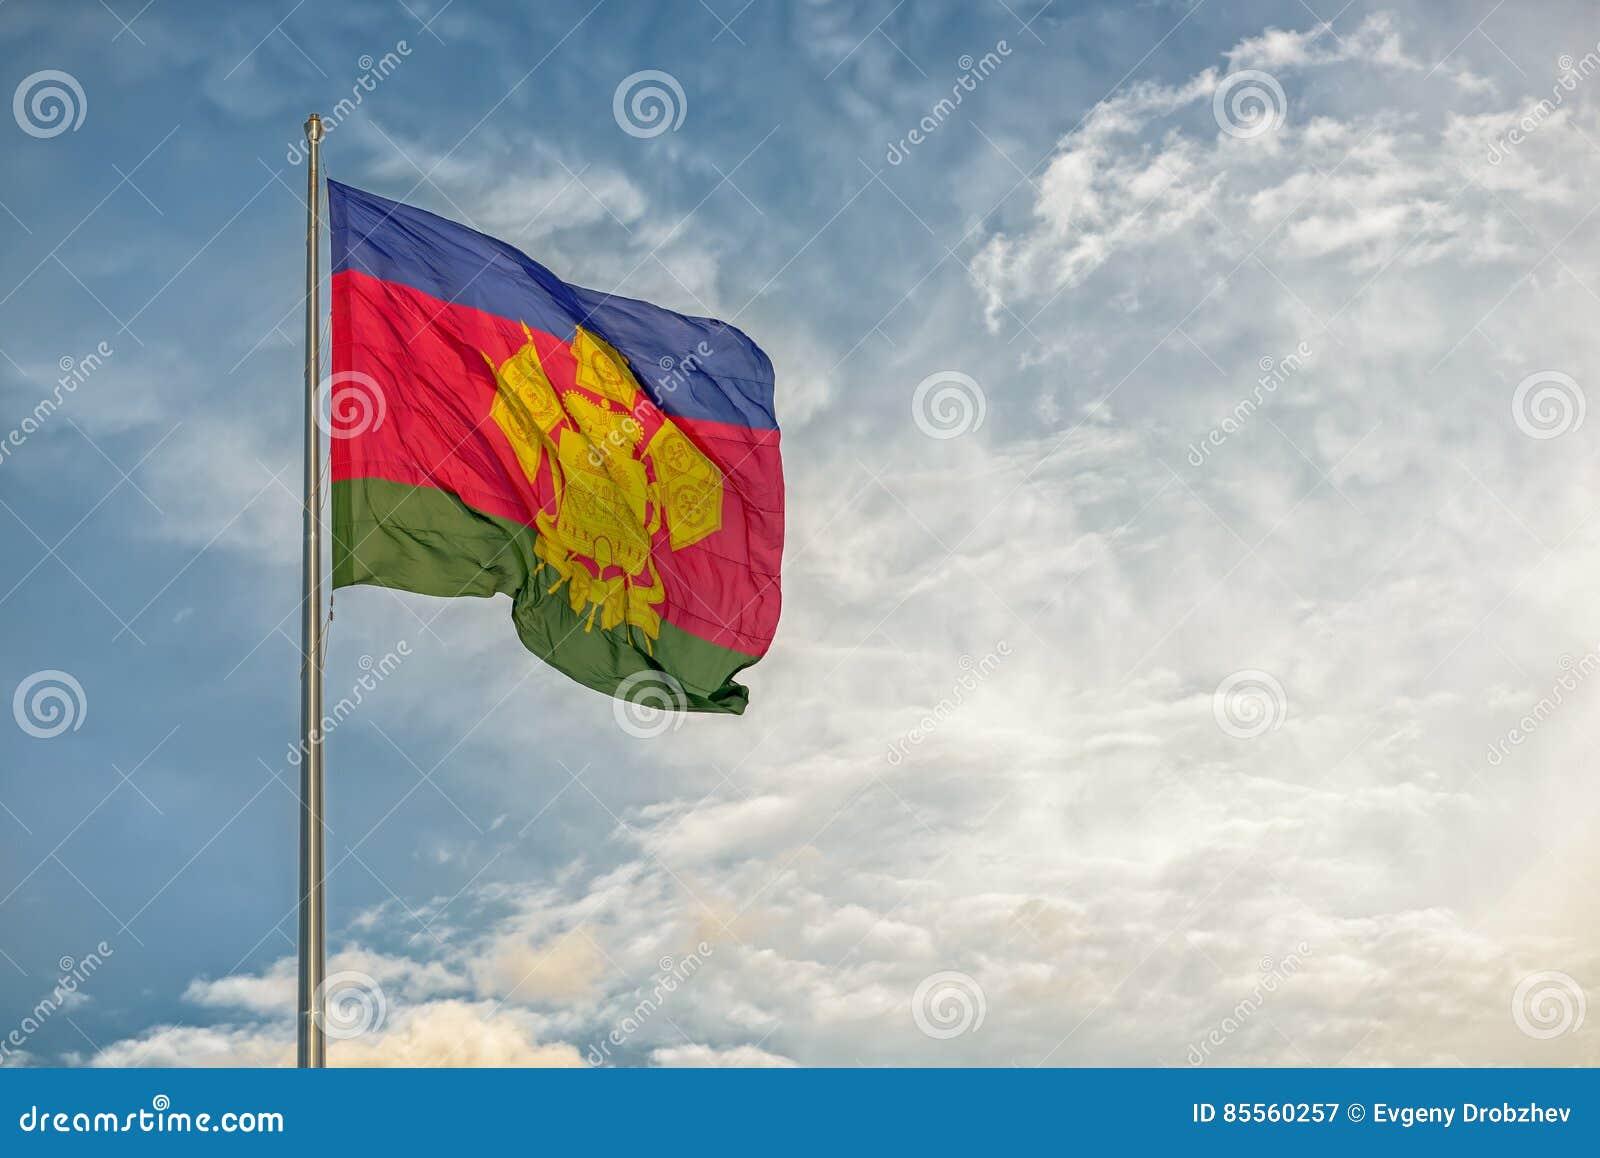 Flagge von Russe Krasnodar-Region